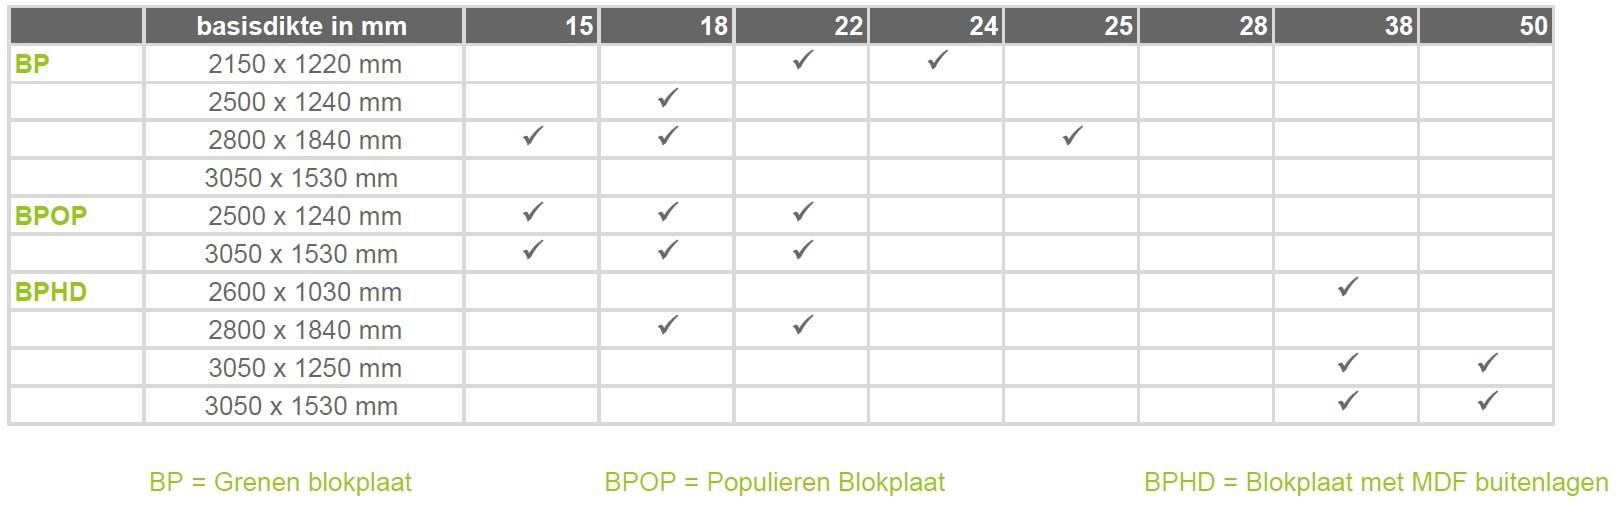 NL_BP Tabel.jpg